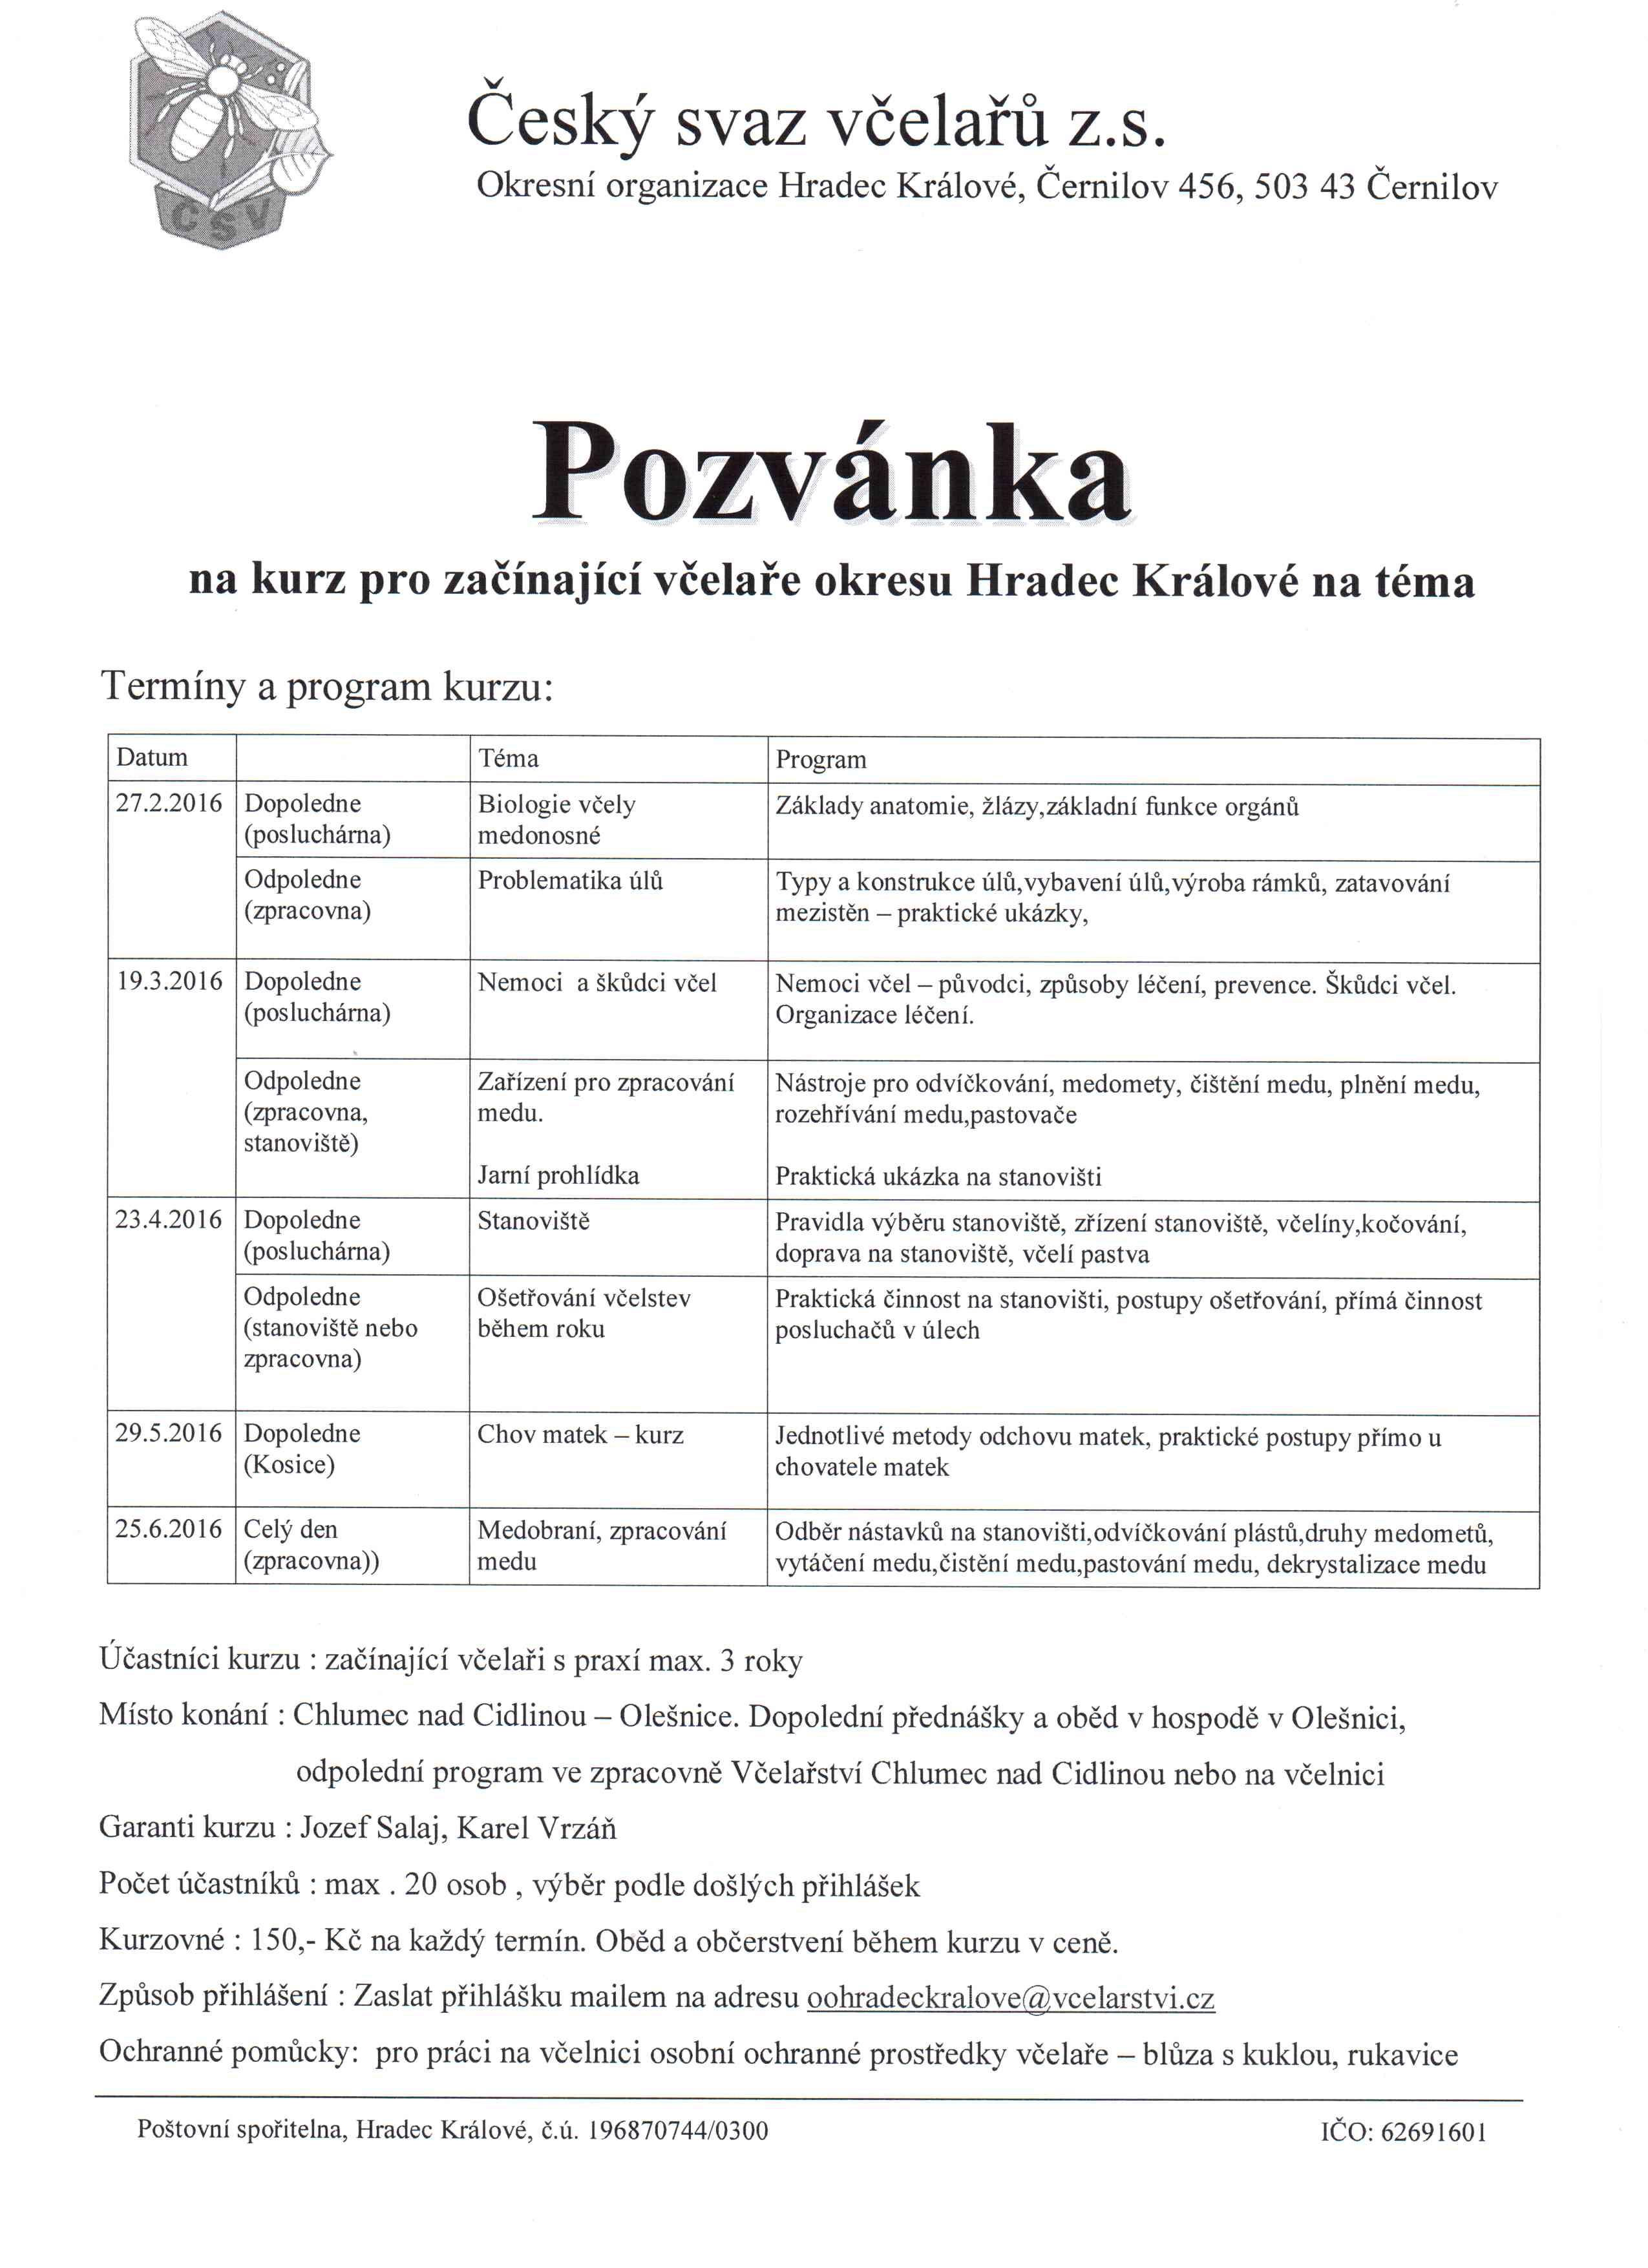 Pozvánka na kurzy pro začínající včelaře okresu Hradec Králové